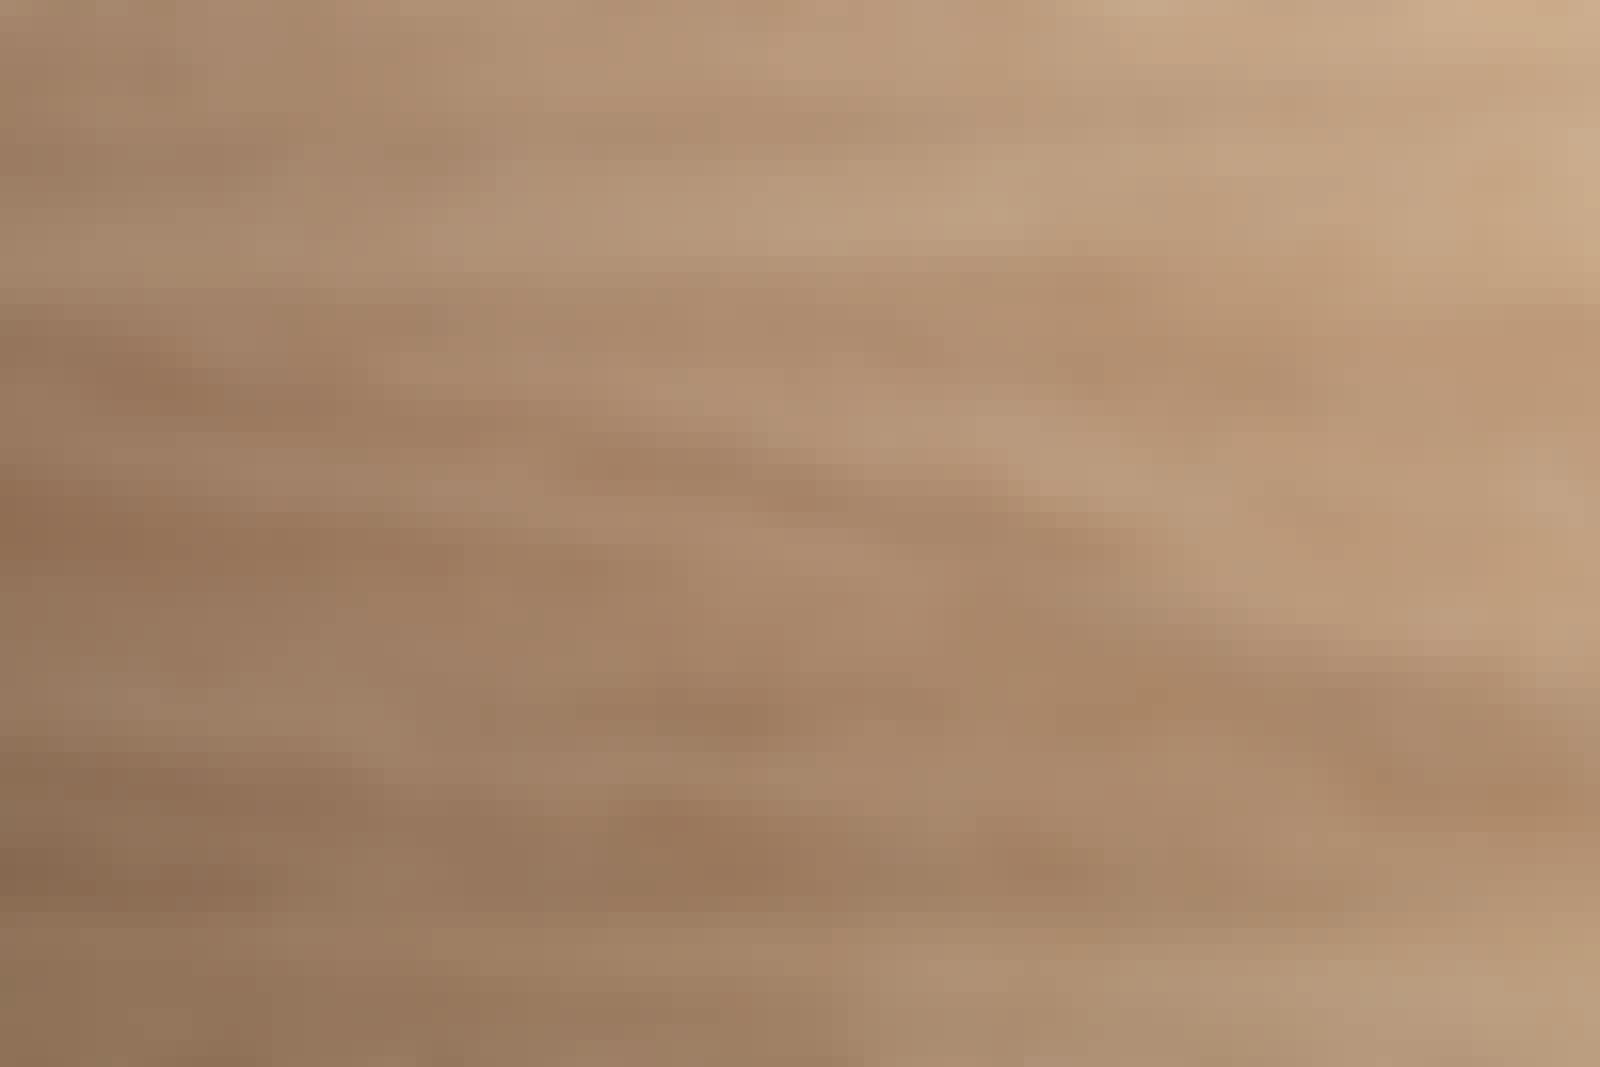 Det finnes farge. et bredt utvalg av stavlimte benkeplater i forskjellige tresorter.